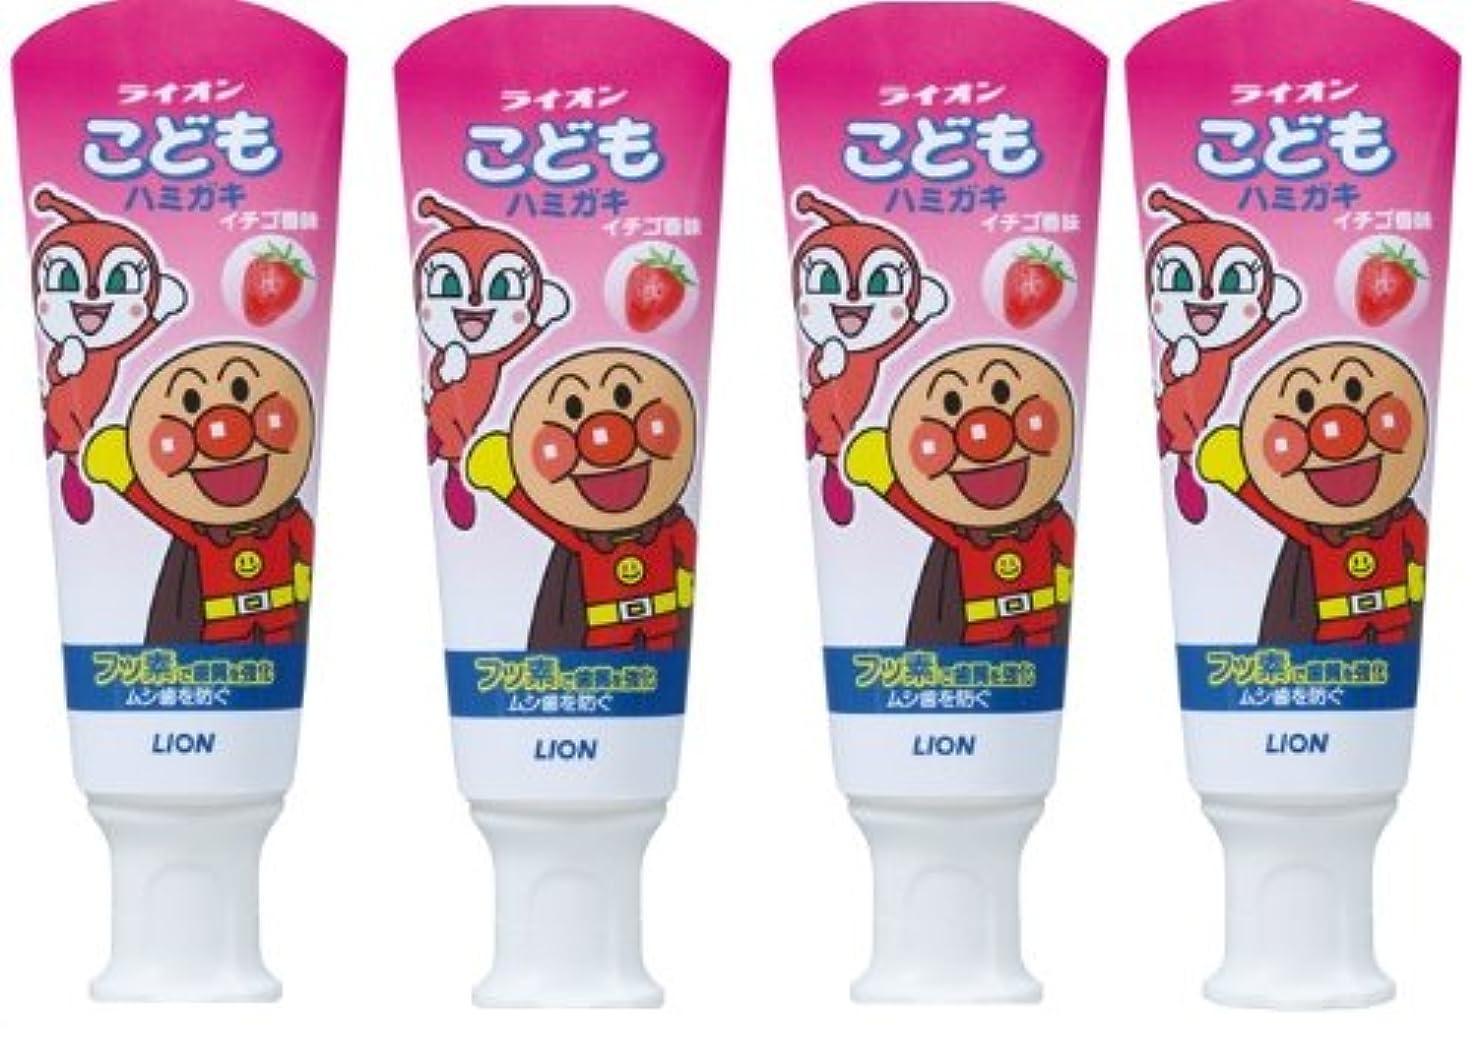 ページェントオフェンスグリットこどもハミガキ アンパンマン イチゴ香味 40g×4個パック (医薬部外品)